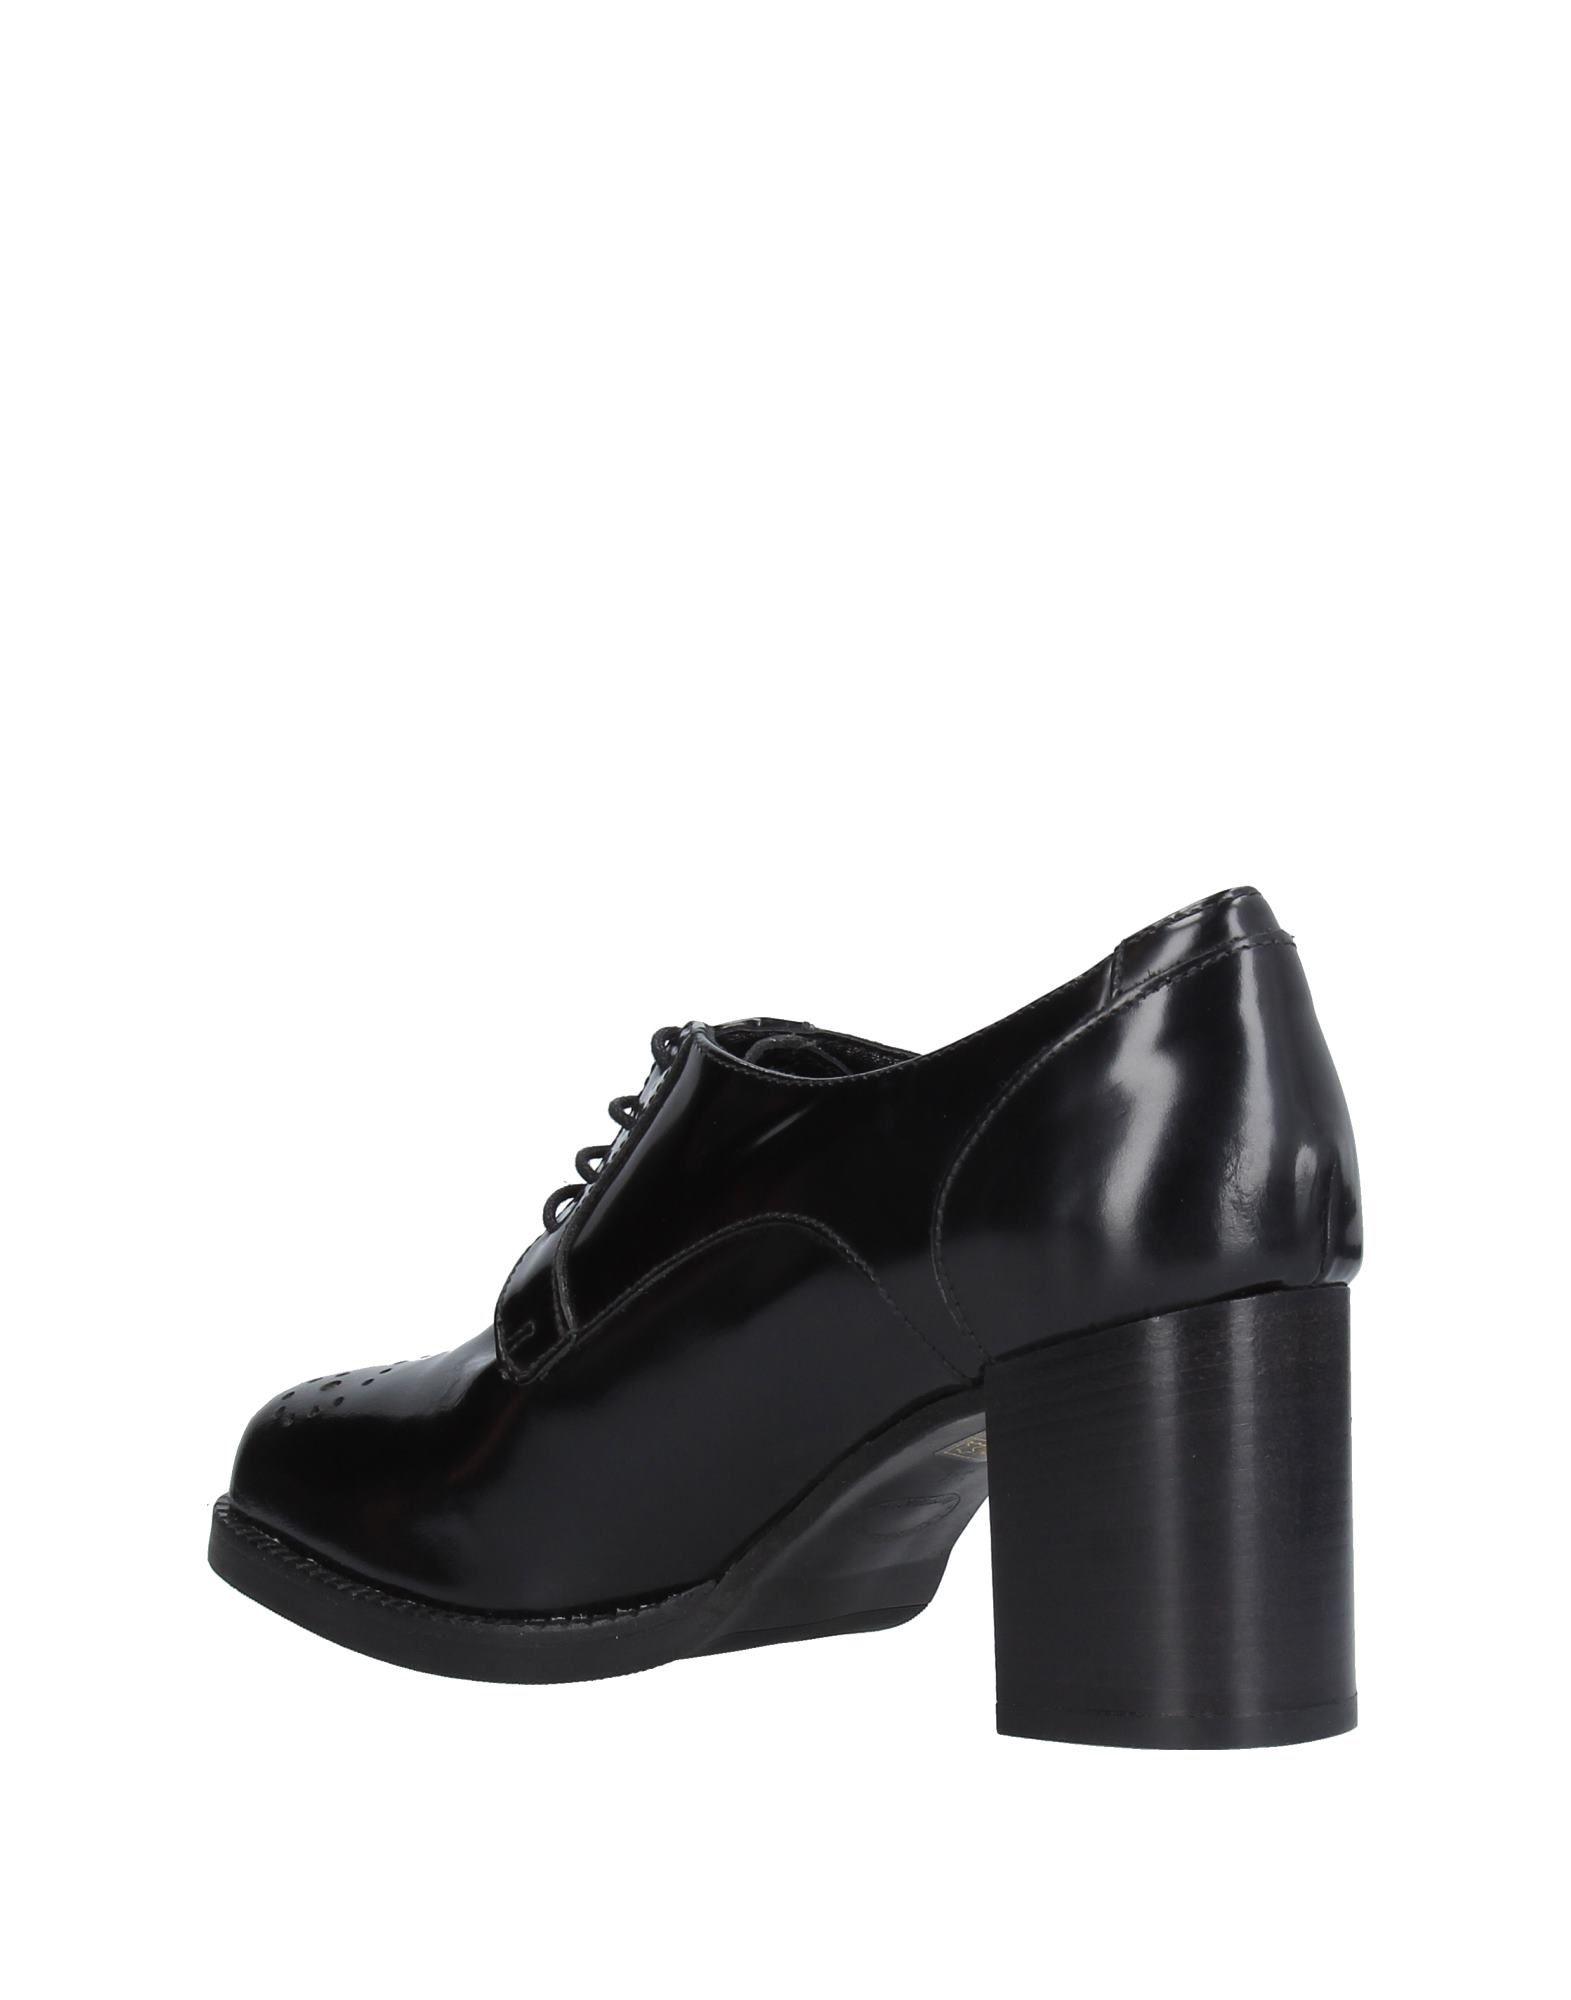 Paola Ferri Schnürschuhe Qualität Damen  11226783VU Gute Qualität Schnürschuhe beliebte Schuhe aeaec6